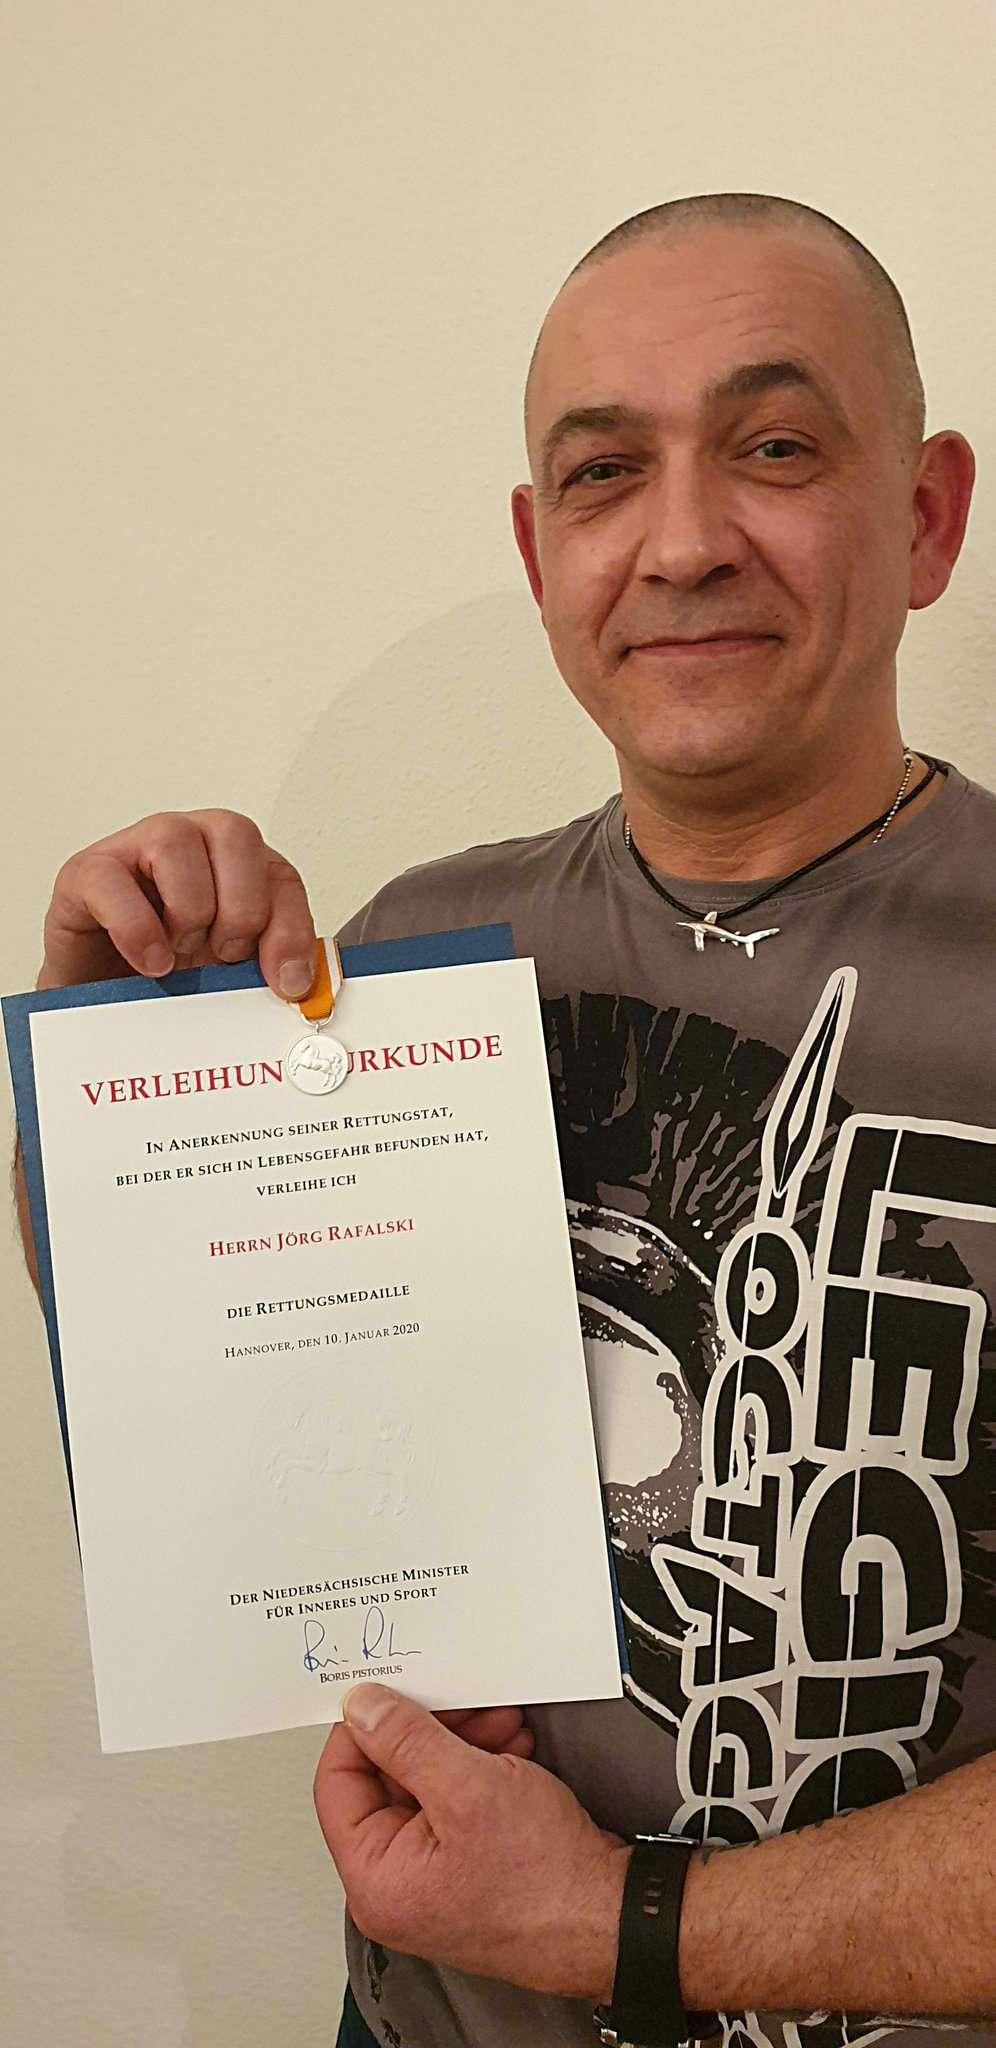 Jörg Rafalski mit Urkunde und Rettungsmedaille.  Foto Tobias Woelki